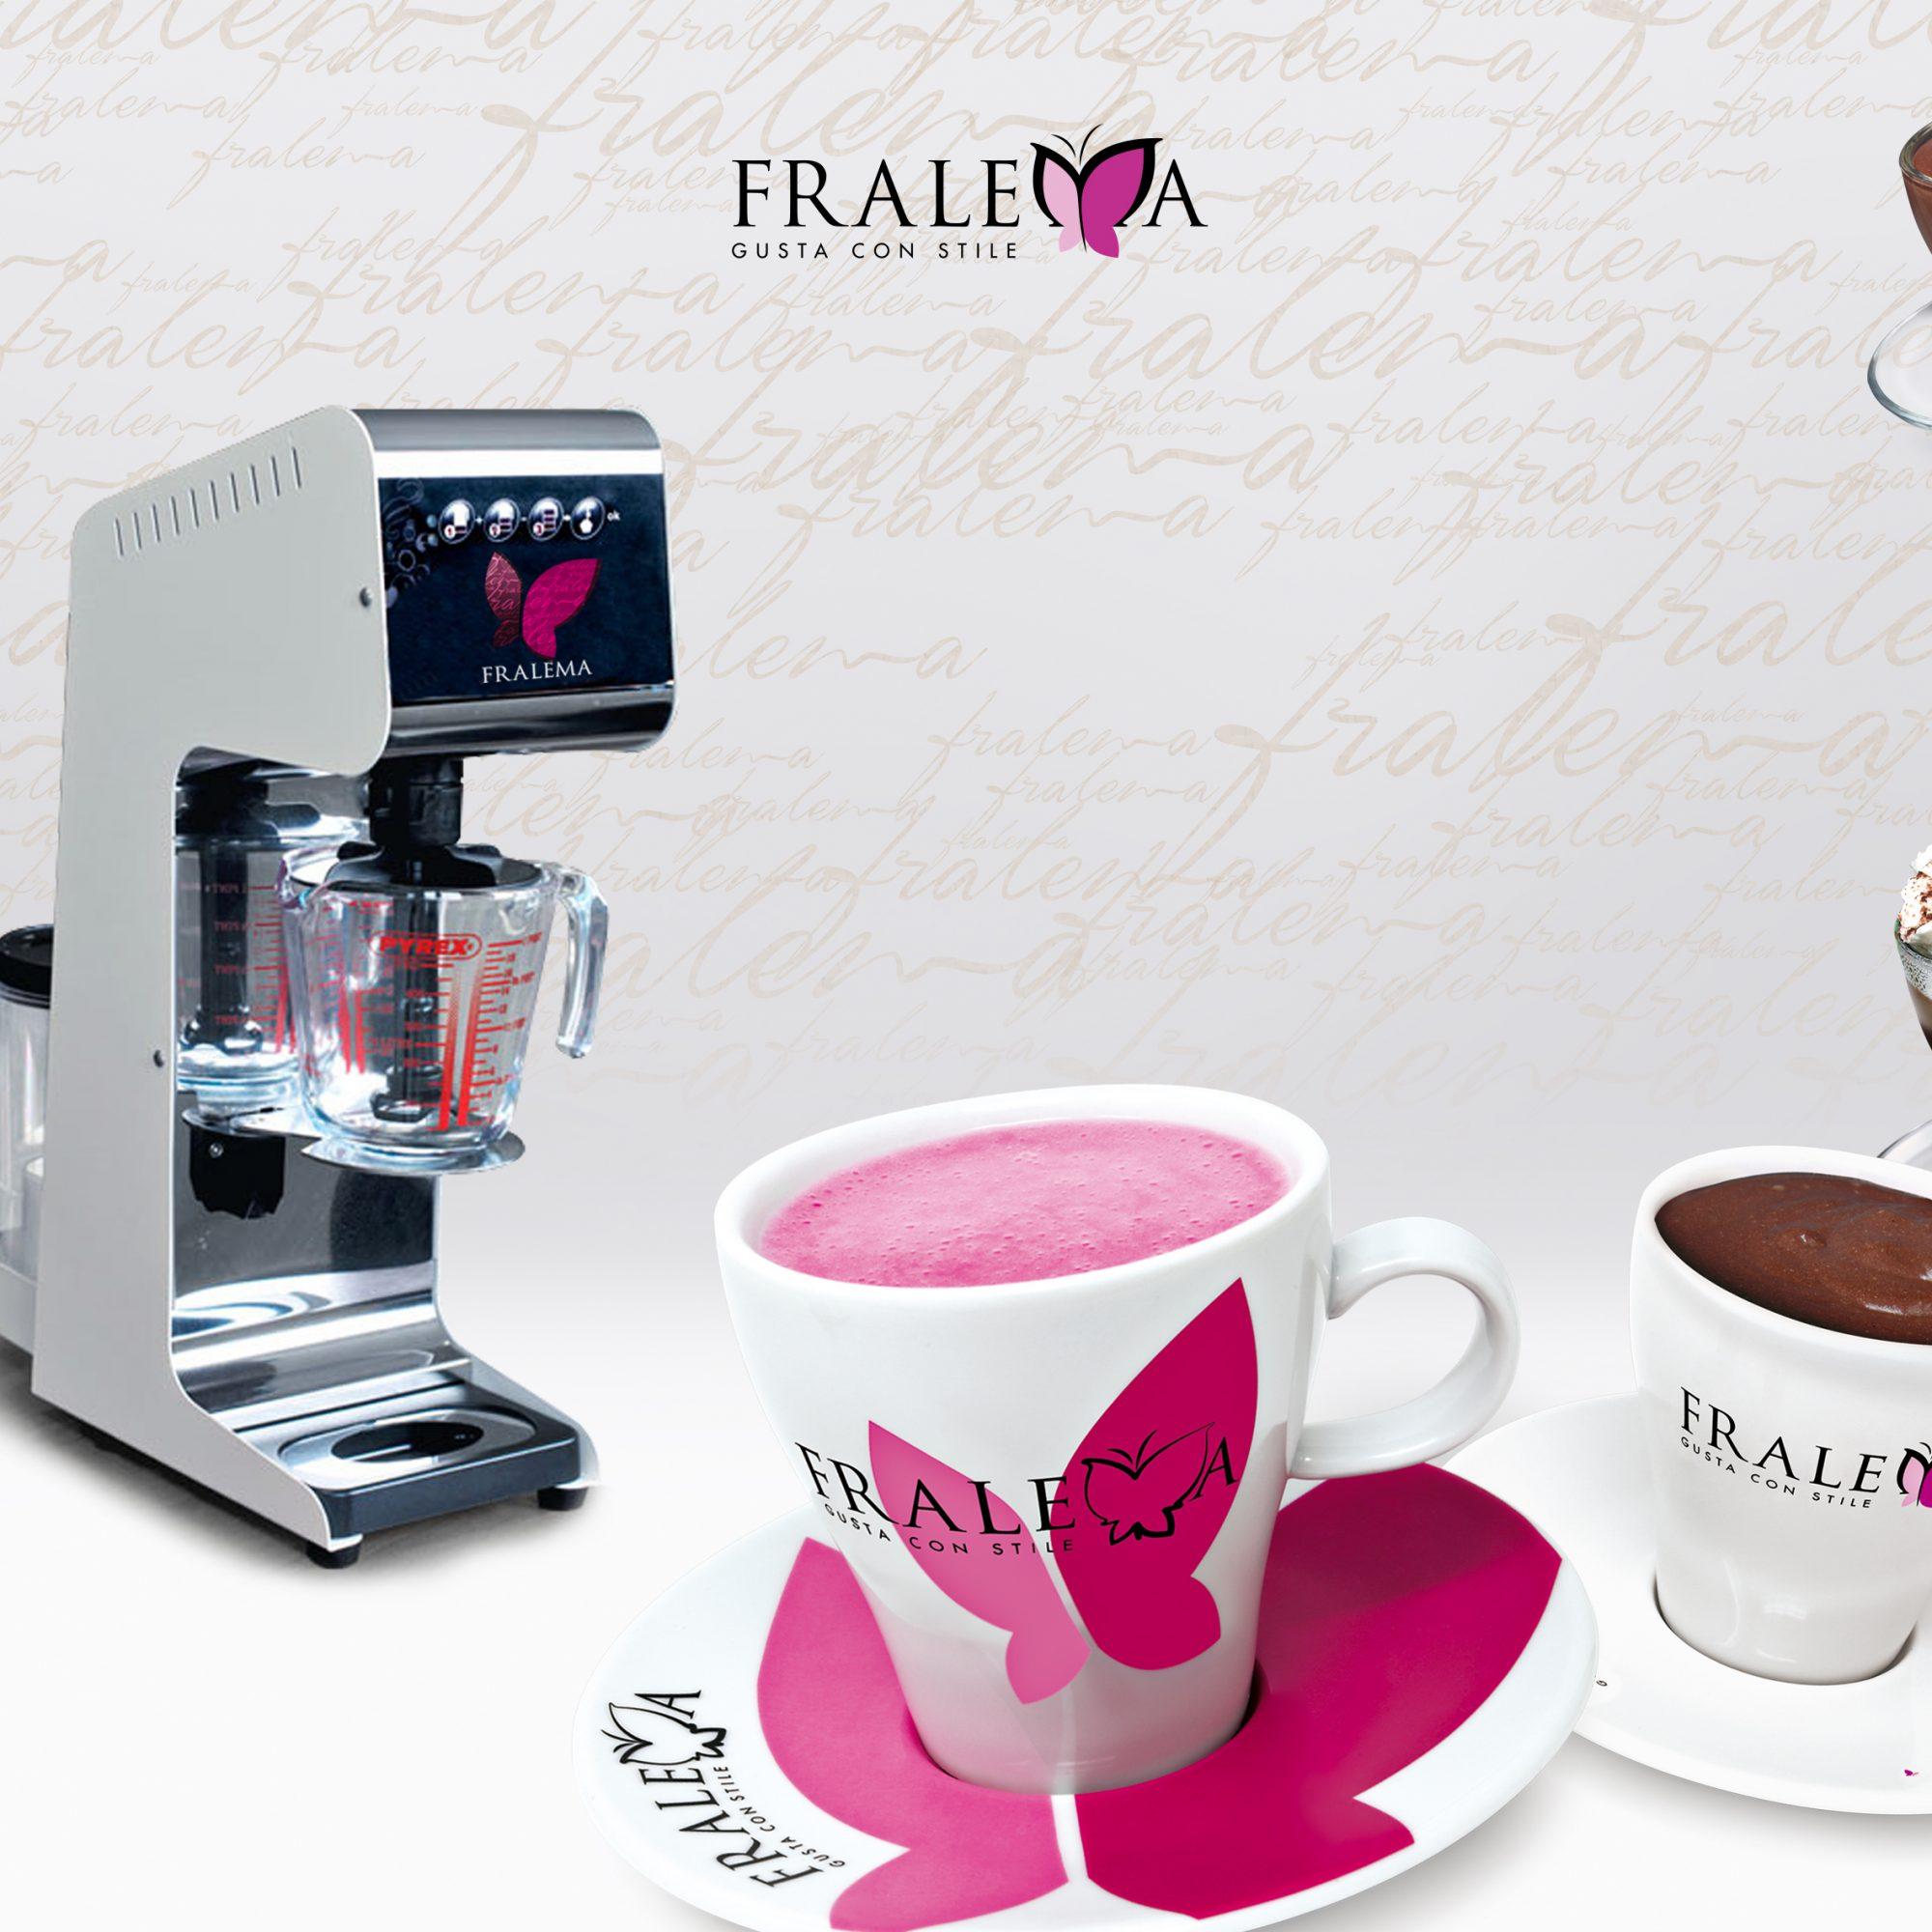 fralema_prodotti per la caffetteria_i caldi_cioccolato caldo_ciokolat monodose_vari gusti